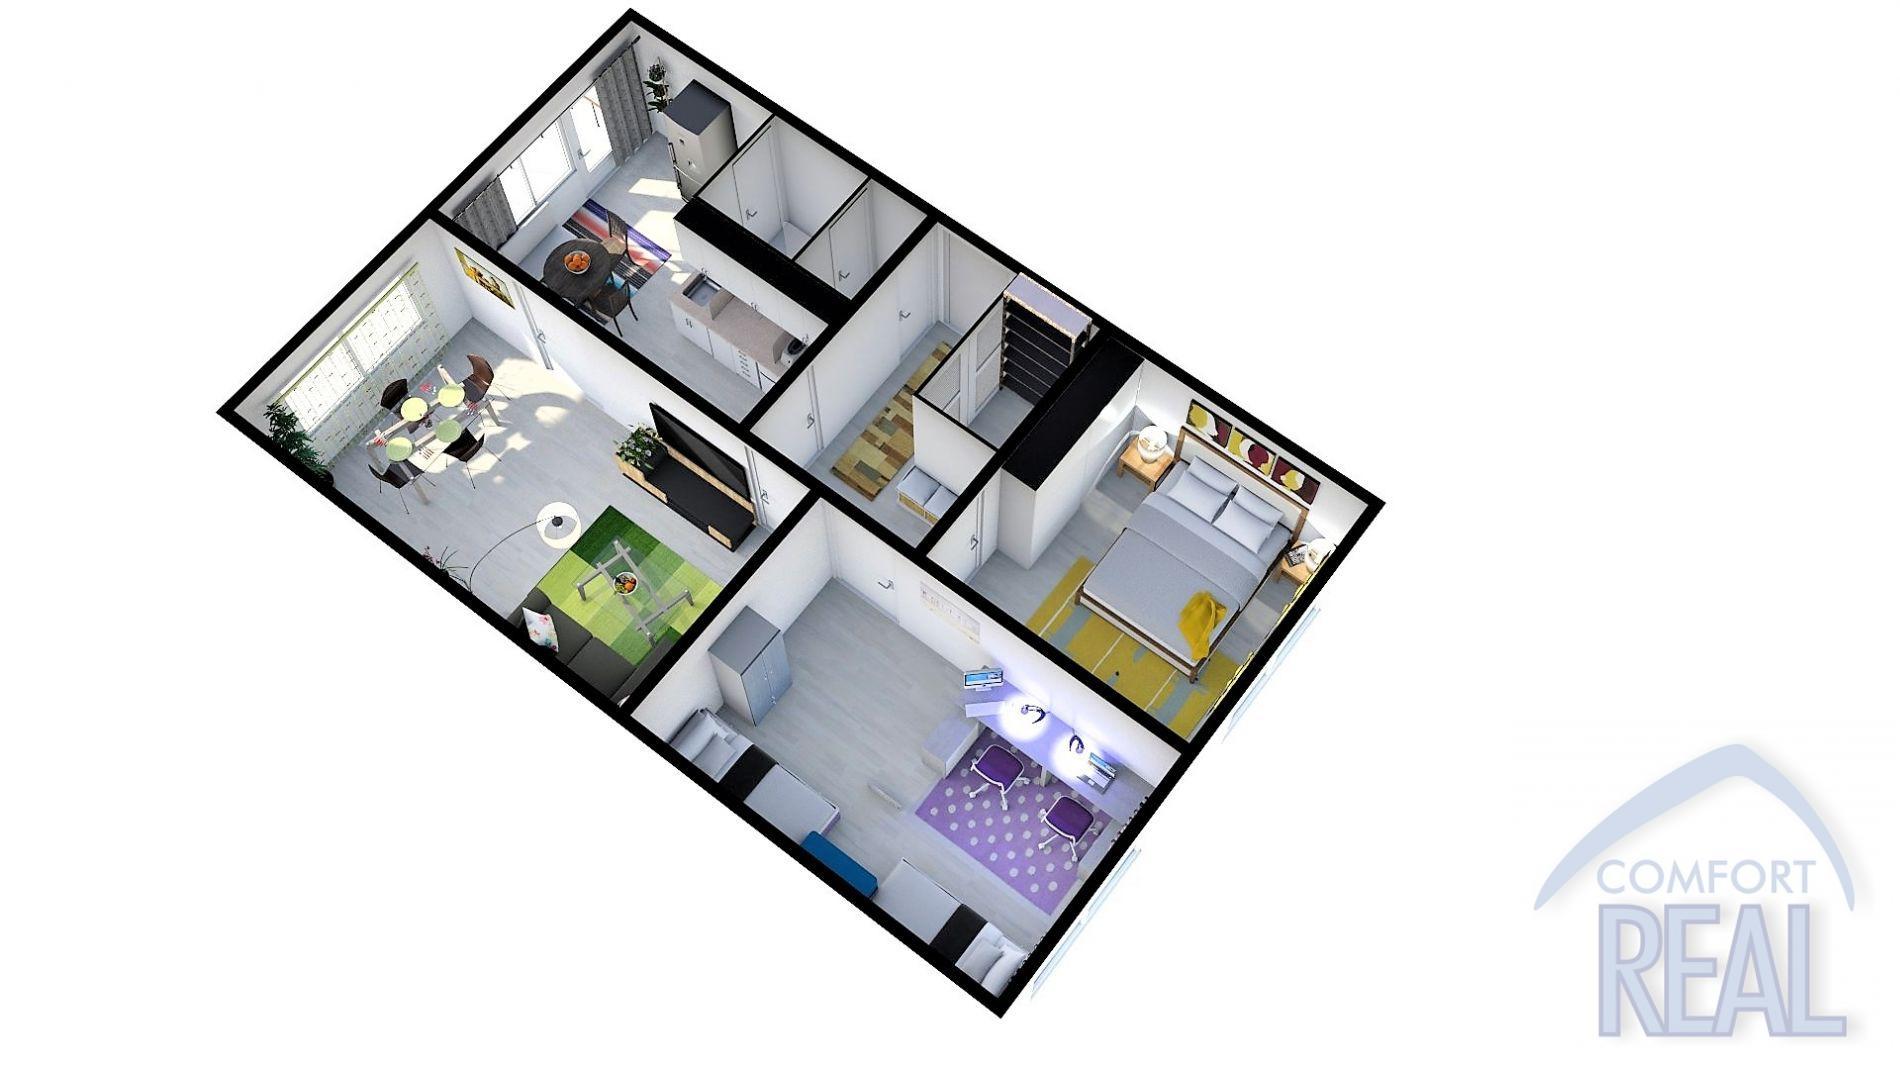 Družstevní byt 3+1, 75m 2, lodžie, ul. Puškinova, Vyškov - Dědice